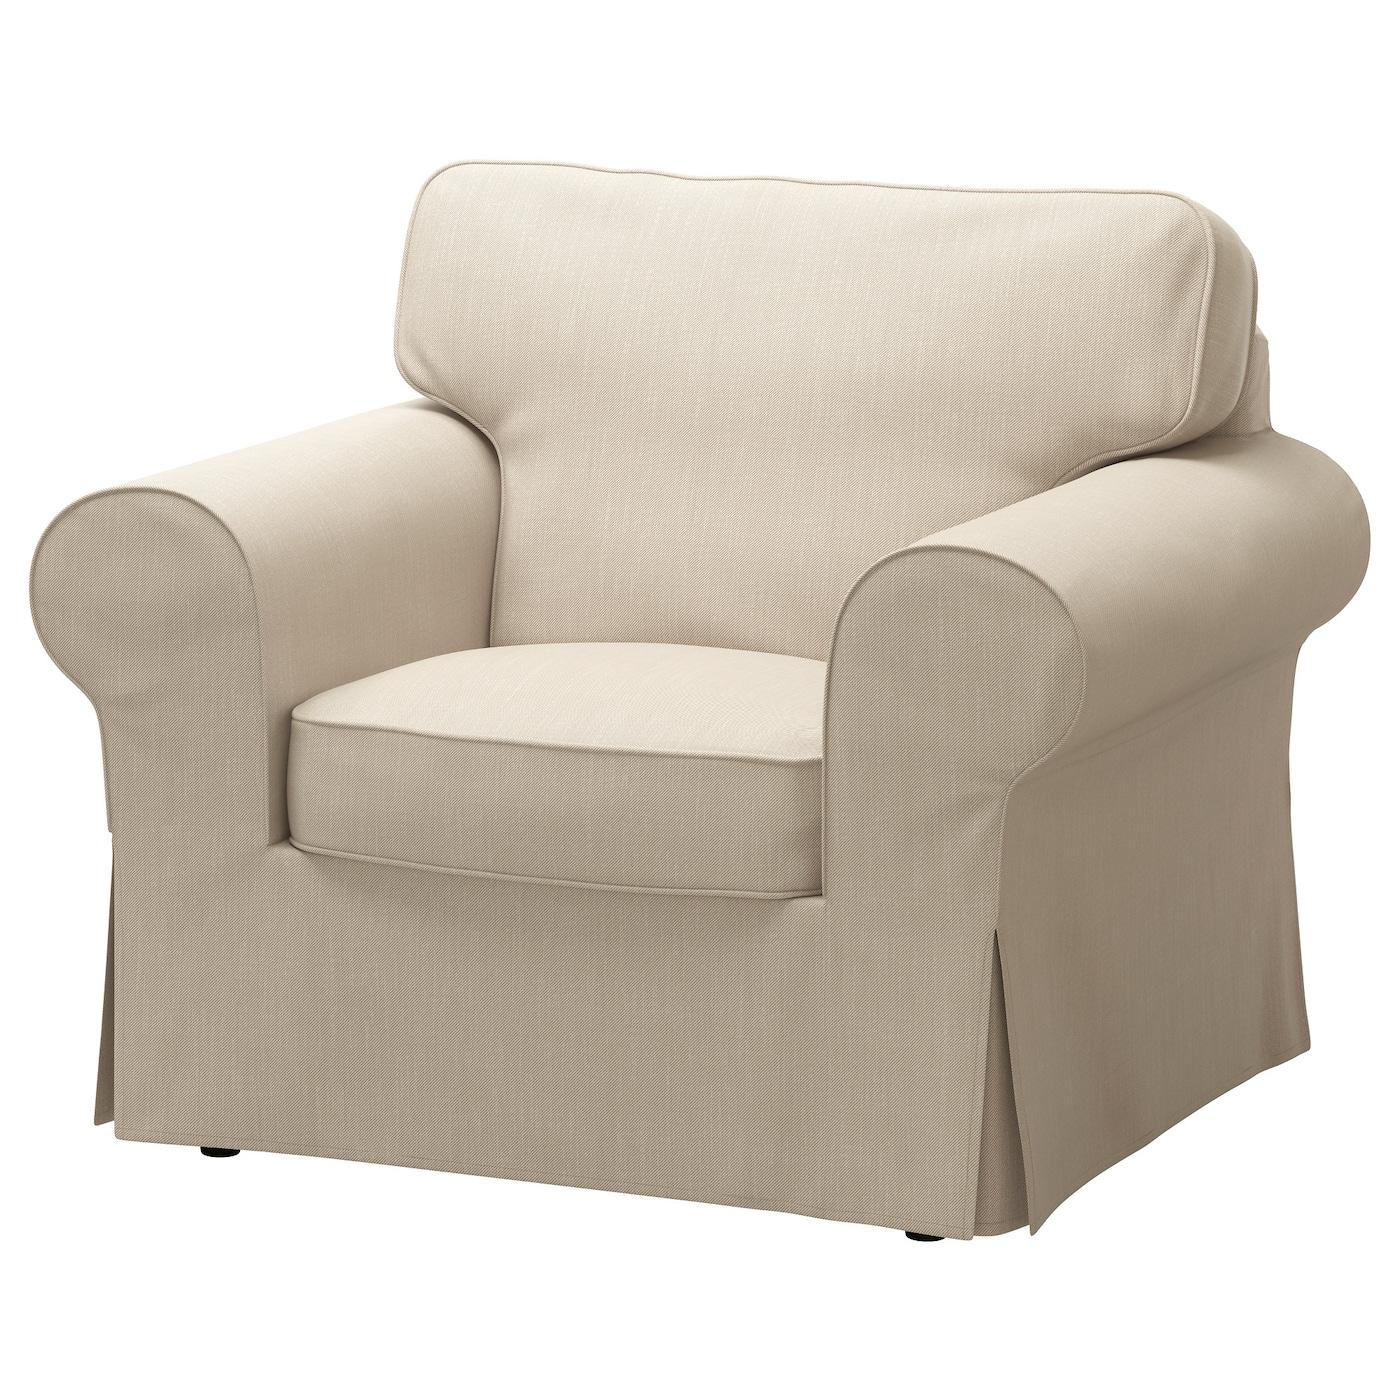 fauteuils ikea. Black Bedroom Furniture Sets. Home Design Ideas